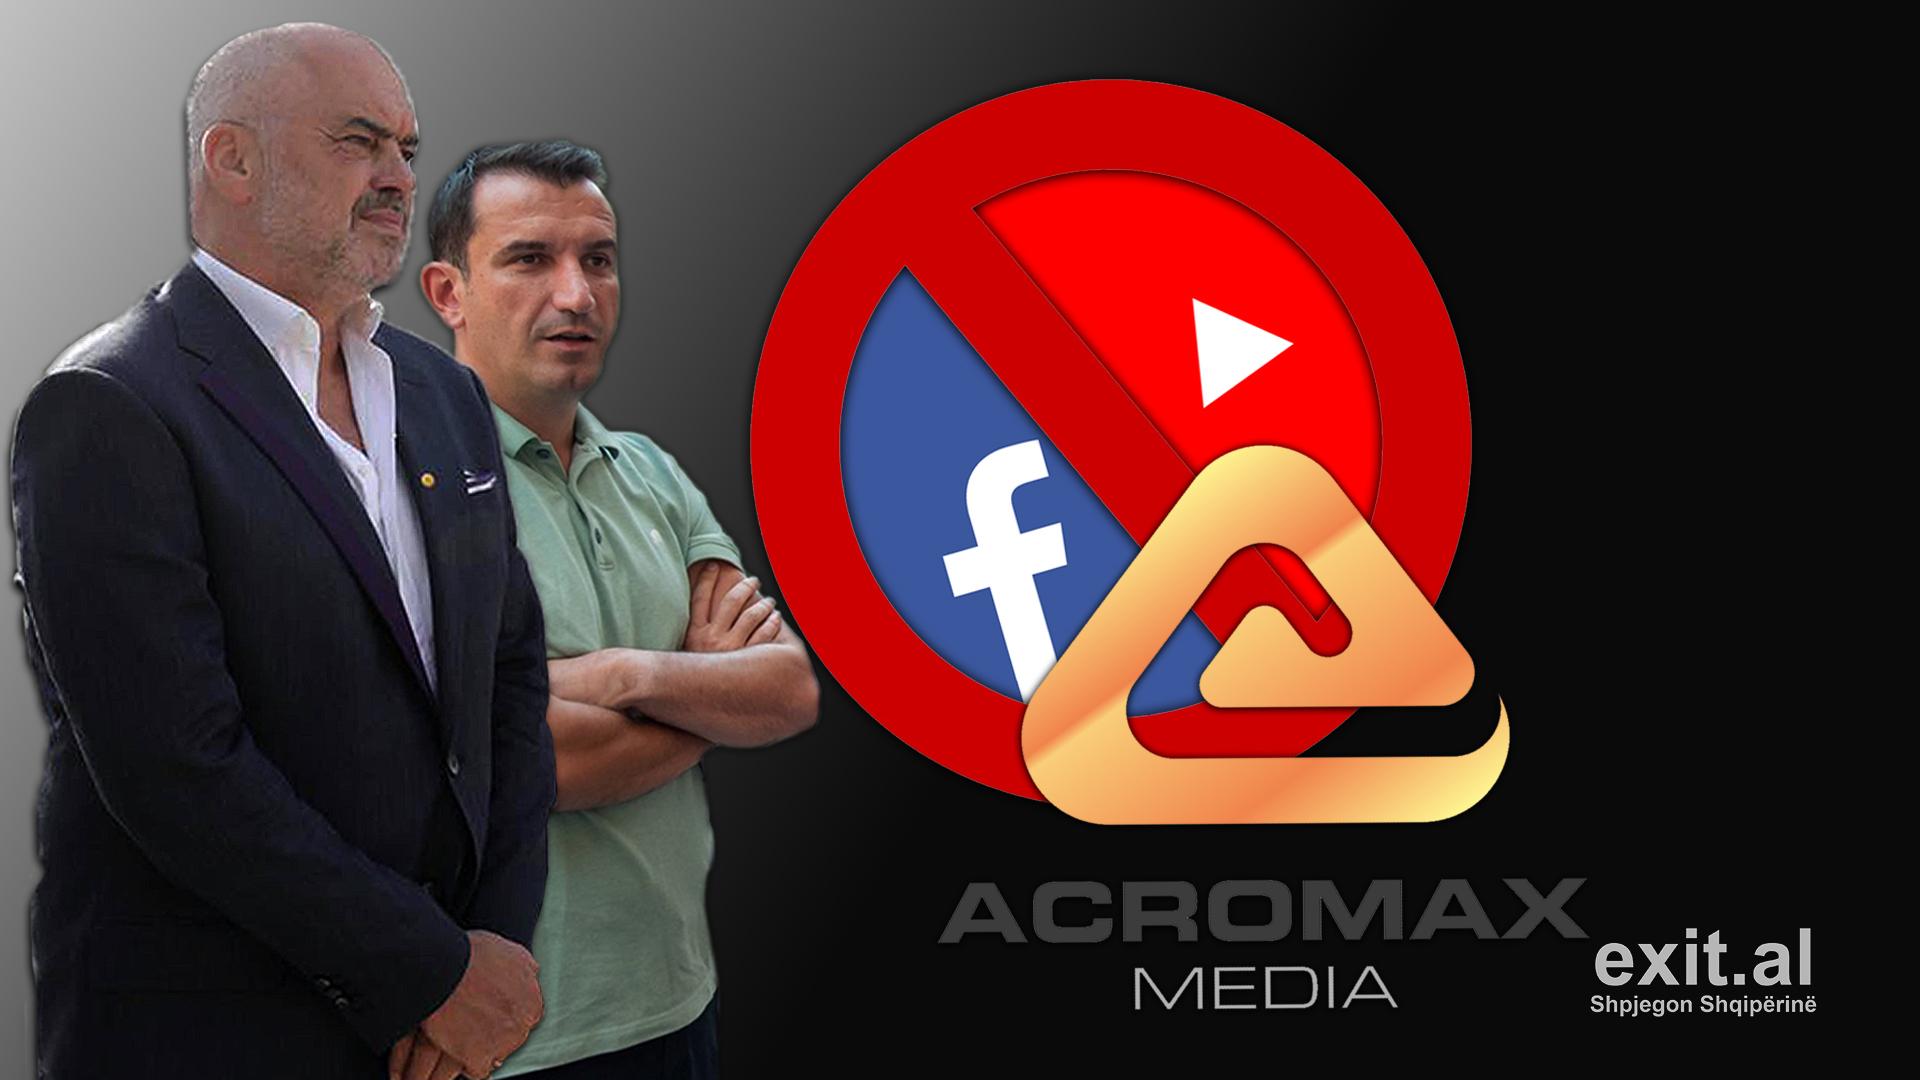 Acromax Media – inkuizicioni kundër 'heretikëve' që kritikojnë dyshen Rama-Veliaj në rrjetet sociale